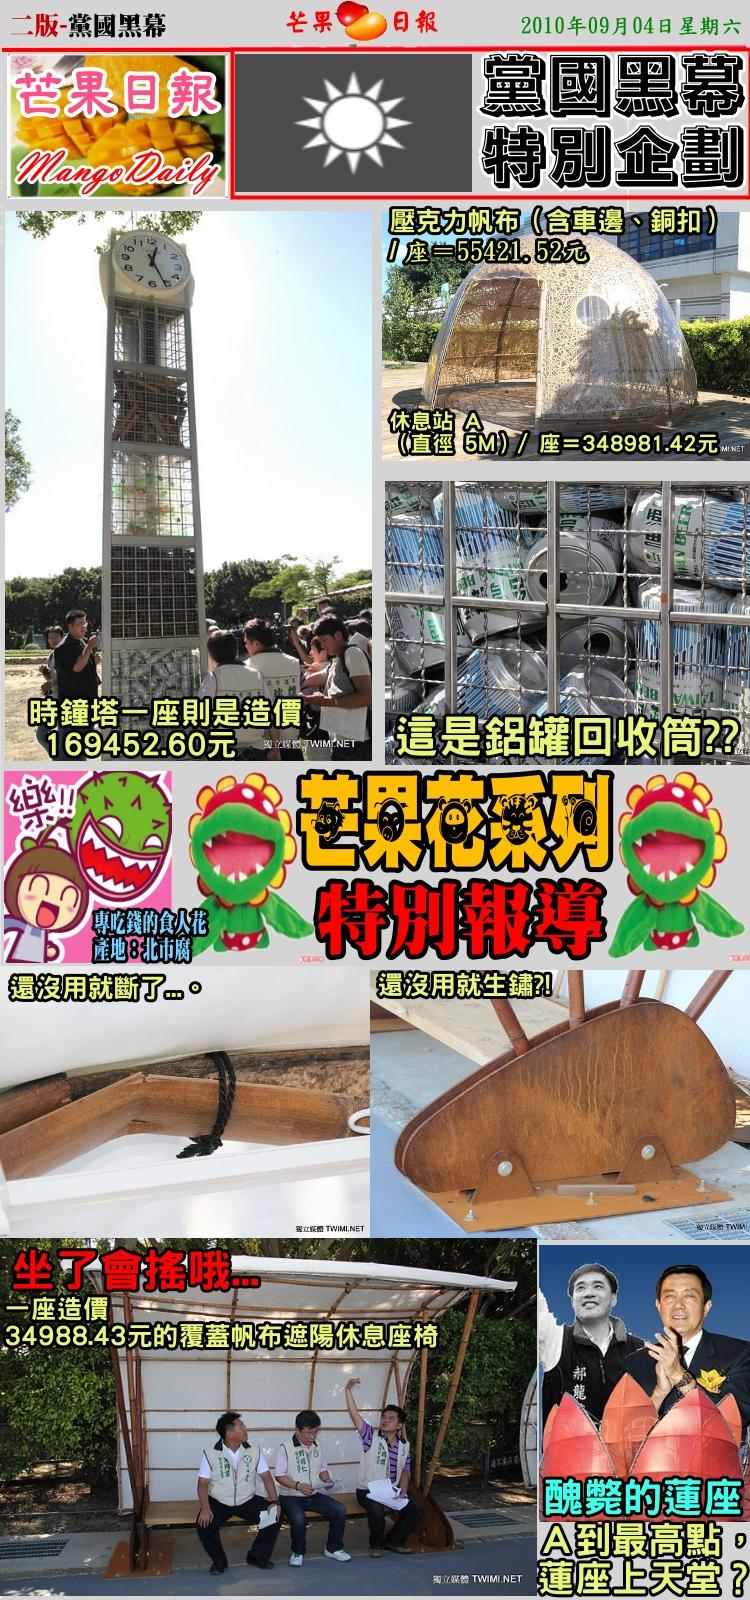 200825芒果日報黨國黑幕--花博A粉大,莊瑞雄、黃向群、劉耀仁勘查01